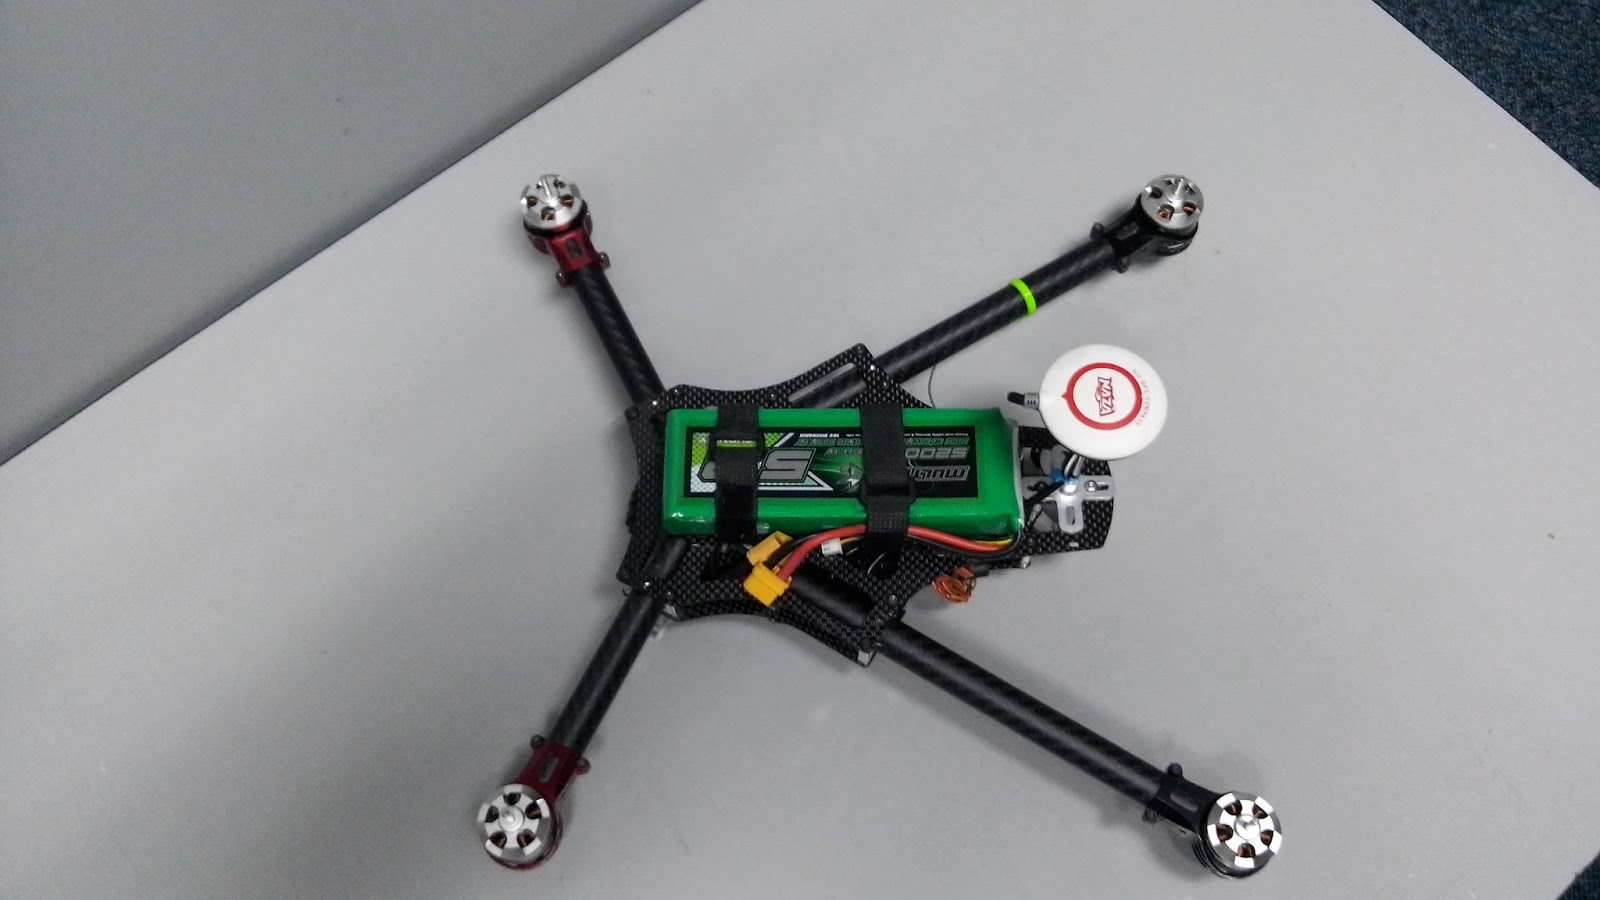 Construcci 243 N De Drone Tipo Quot Dead Cat Quot Para Carreras